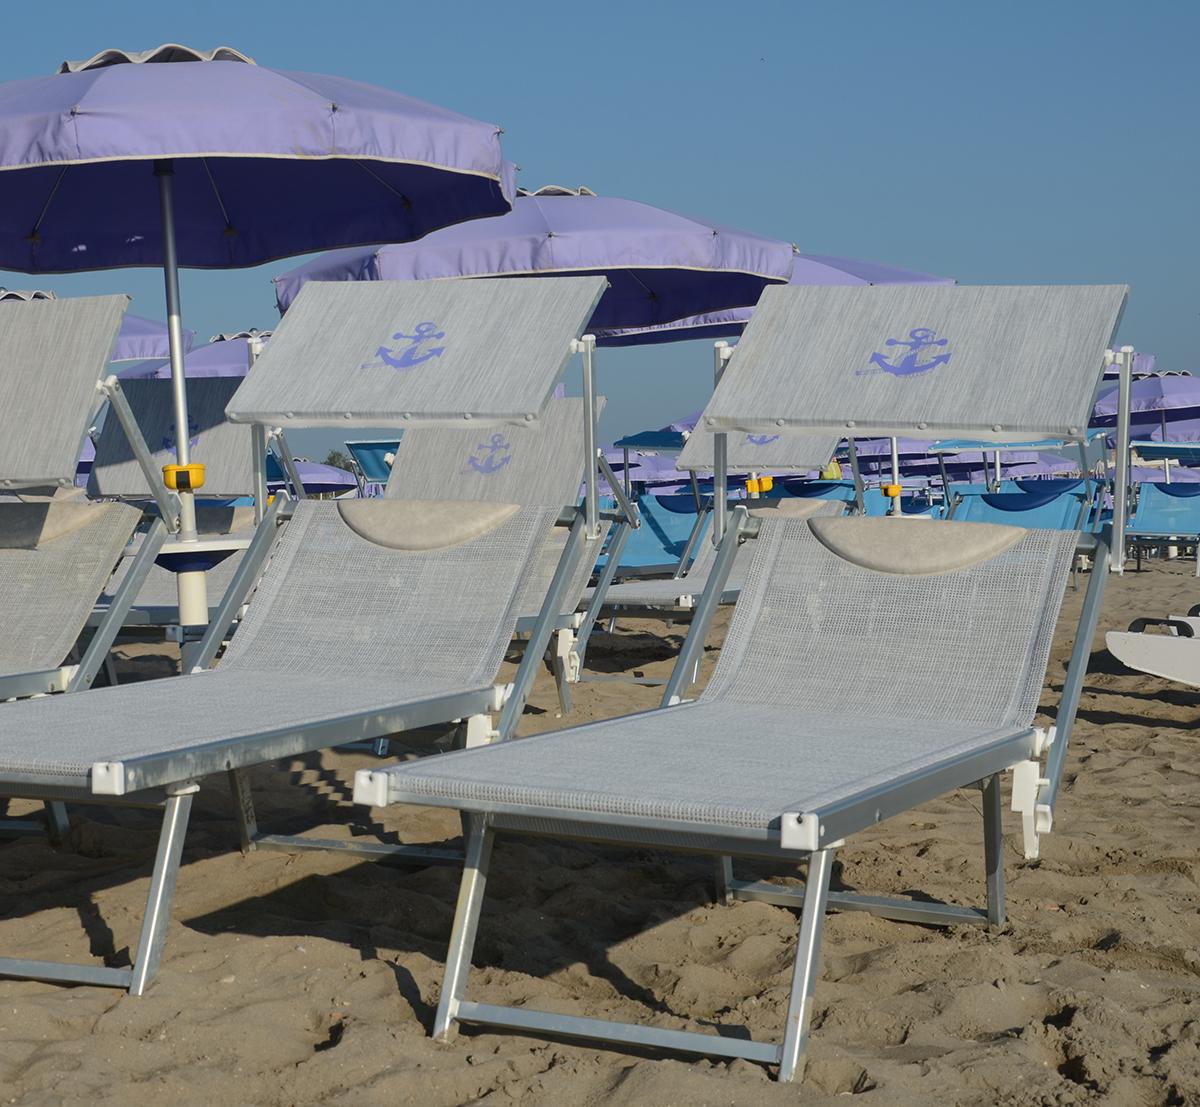 Prezzi Lettini Da Spiaggia.Brevettato Extra Lettino Da Spiaggia